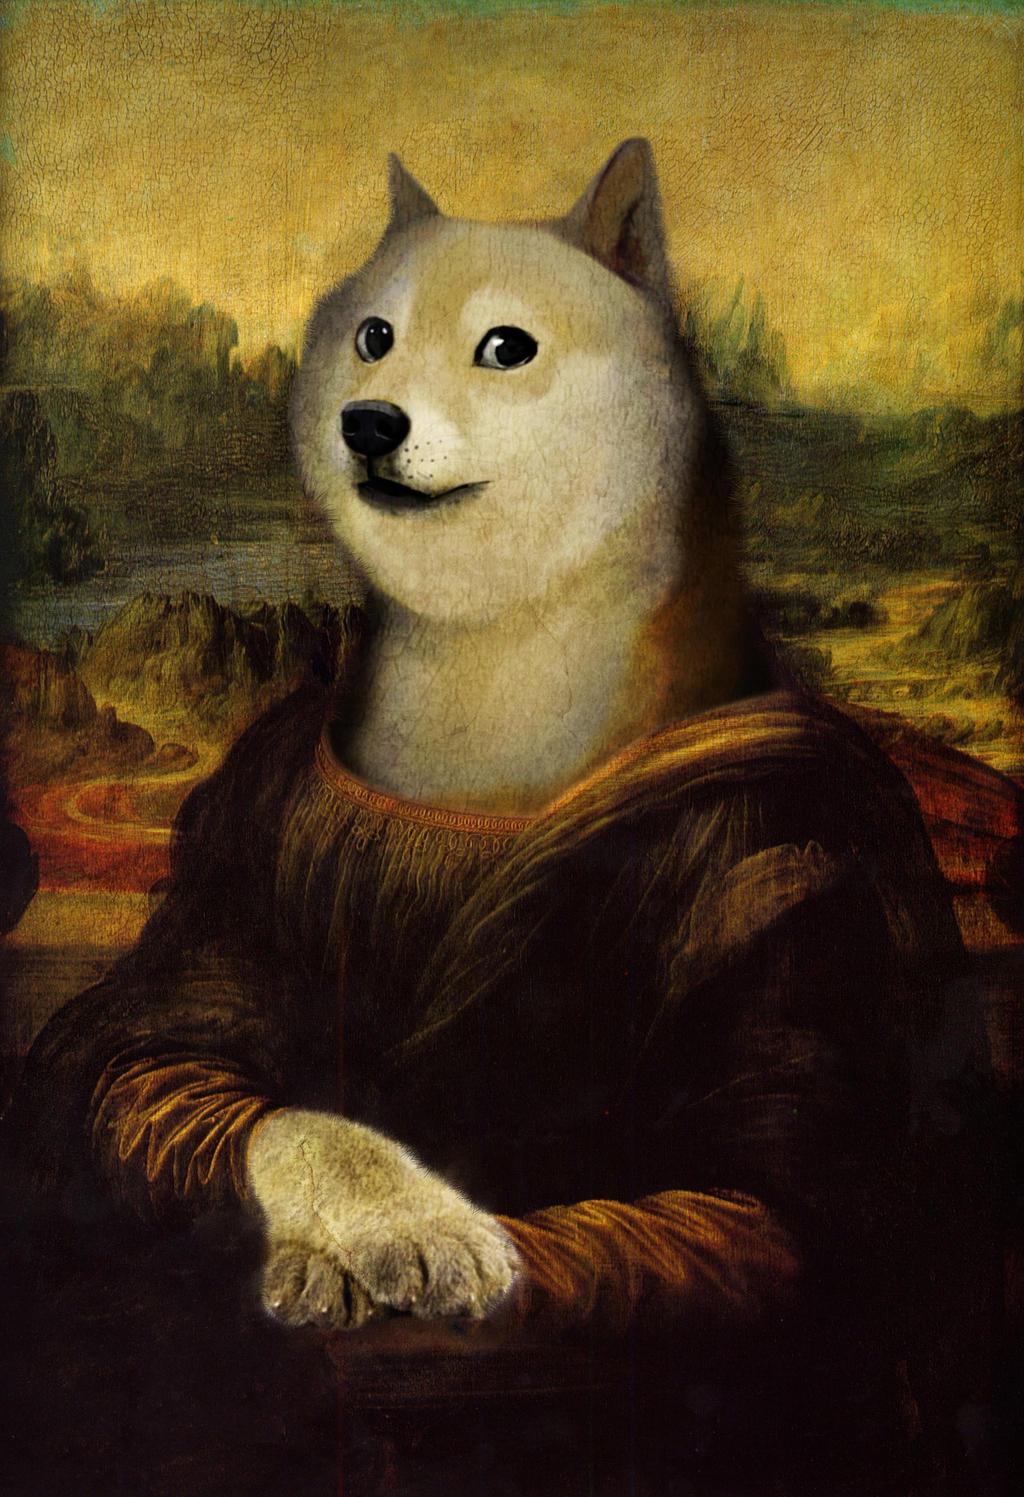 doge twinkie wallpaper hankd9 - photo #39